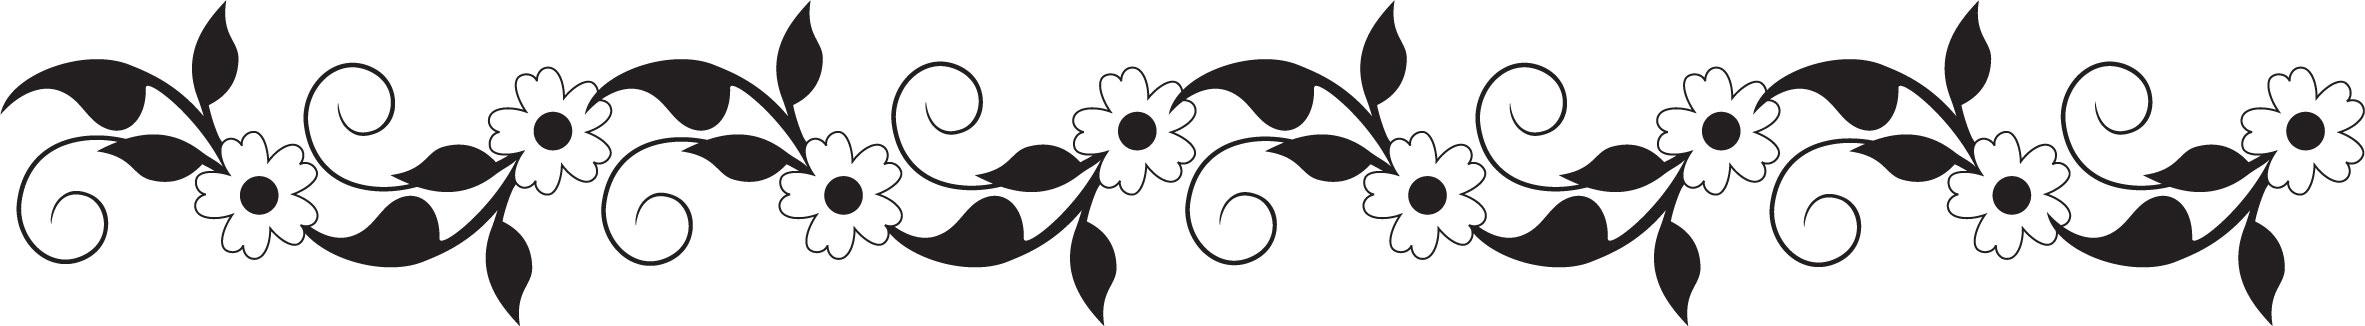 花のイラストフリー素材フレーム枠no261白黒葉ボーダー